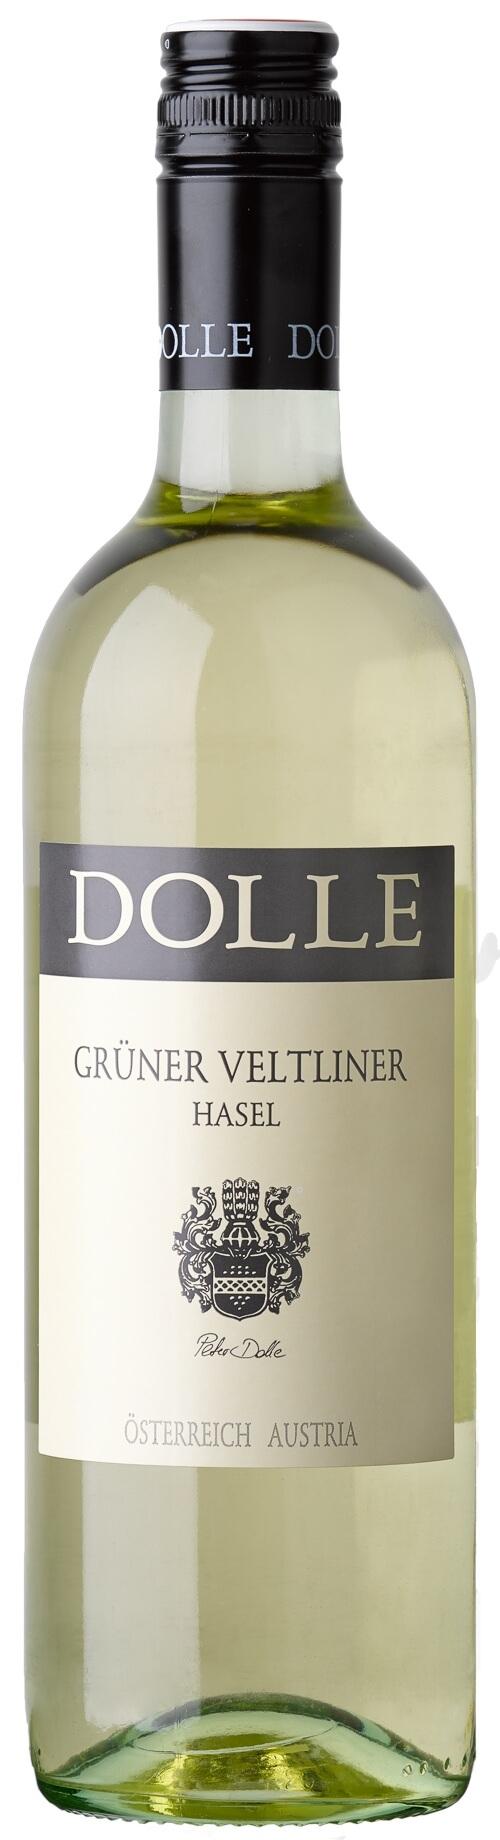 Grüner Veltliner Hasel 2018 / Peter Dolle